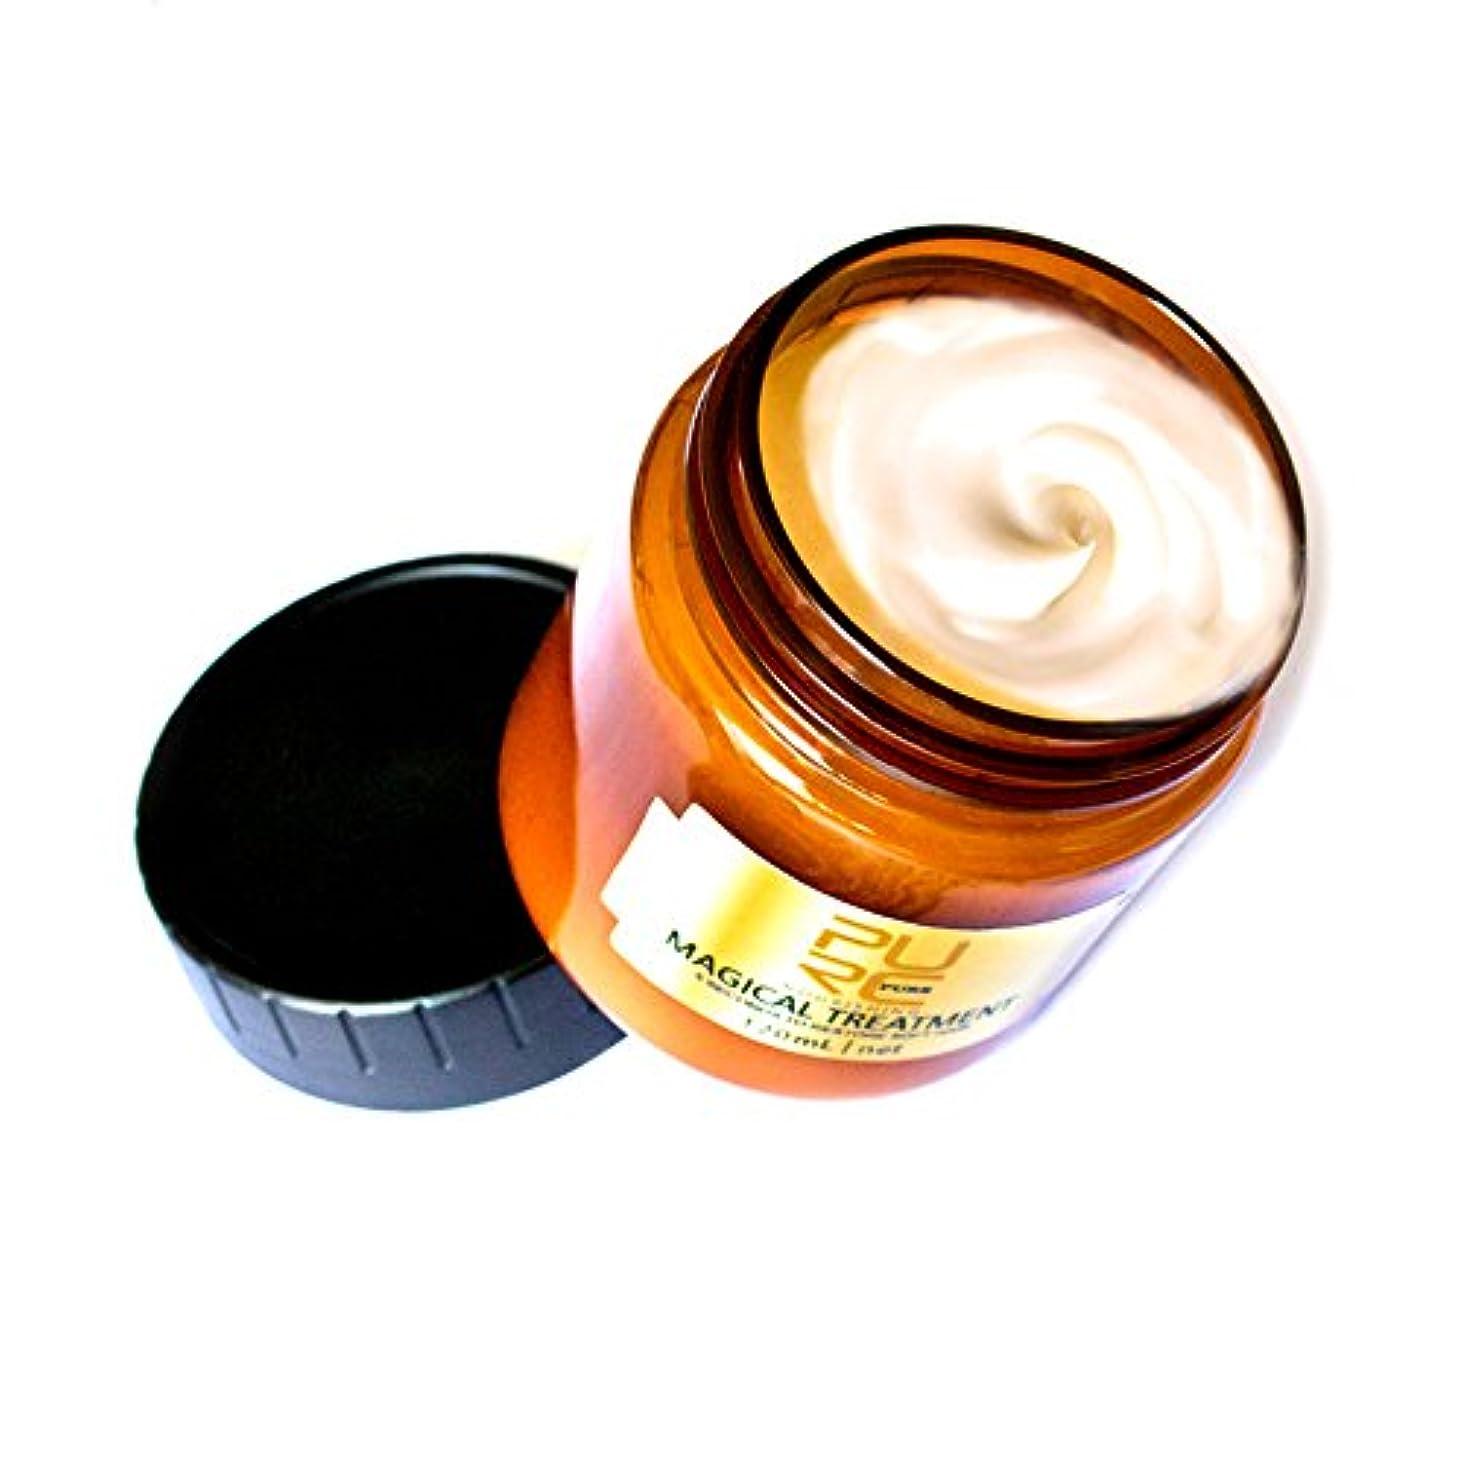 魔法のヘアマスク 先端技術 ケラチン成分 柔軟栄養マスク 潤いツヤツヤヘア復元 クセダメージにおさまり集中ケア 毛先までケア カラーストレートパーマにオススメ 乾燥髪が硬い太い広がる人ぴったり パサつきがなくなり (60ml)